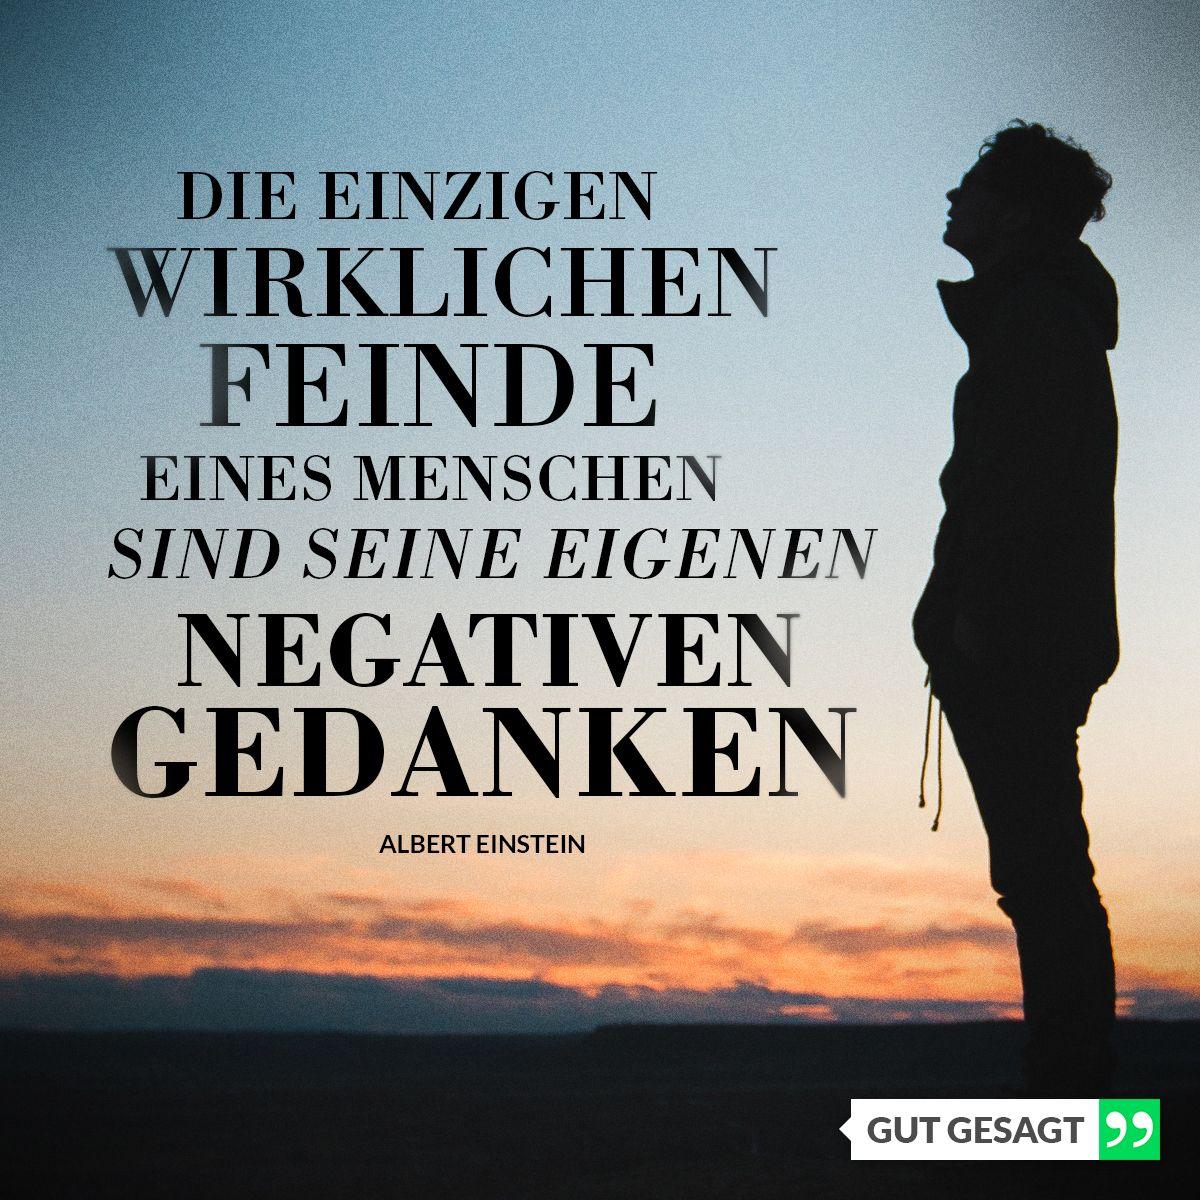 Die Einzigen Wirklichen Feinde Eines Menschen Sind Seine Eigenen Negativen Gedanken Albert Einstein Weisheiten Spruche Zitate Zitate